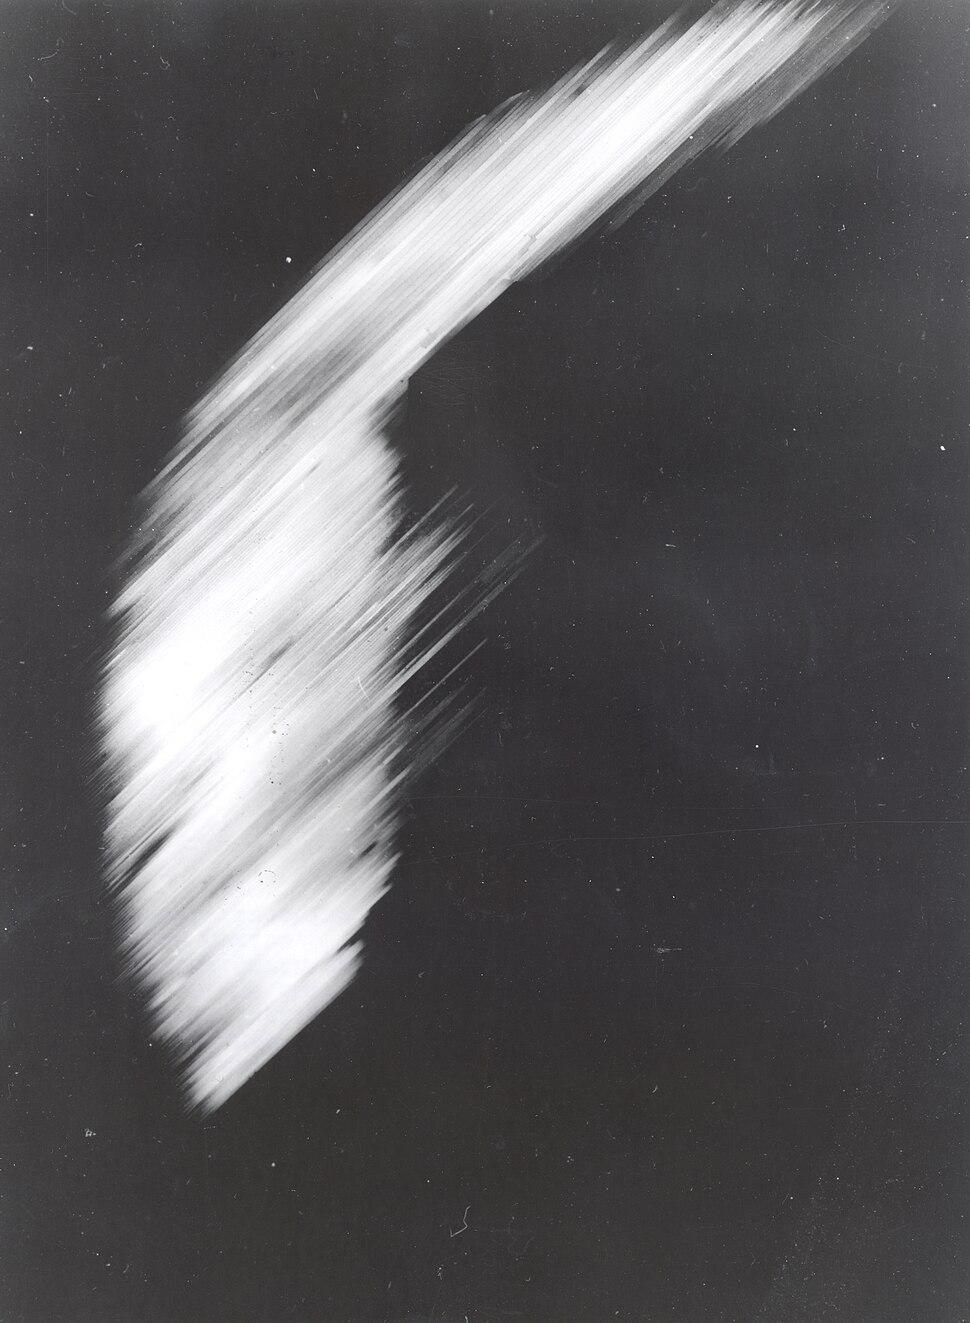 First satellite photo - Explorer VI